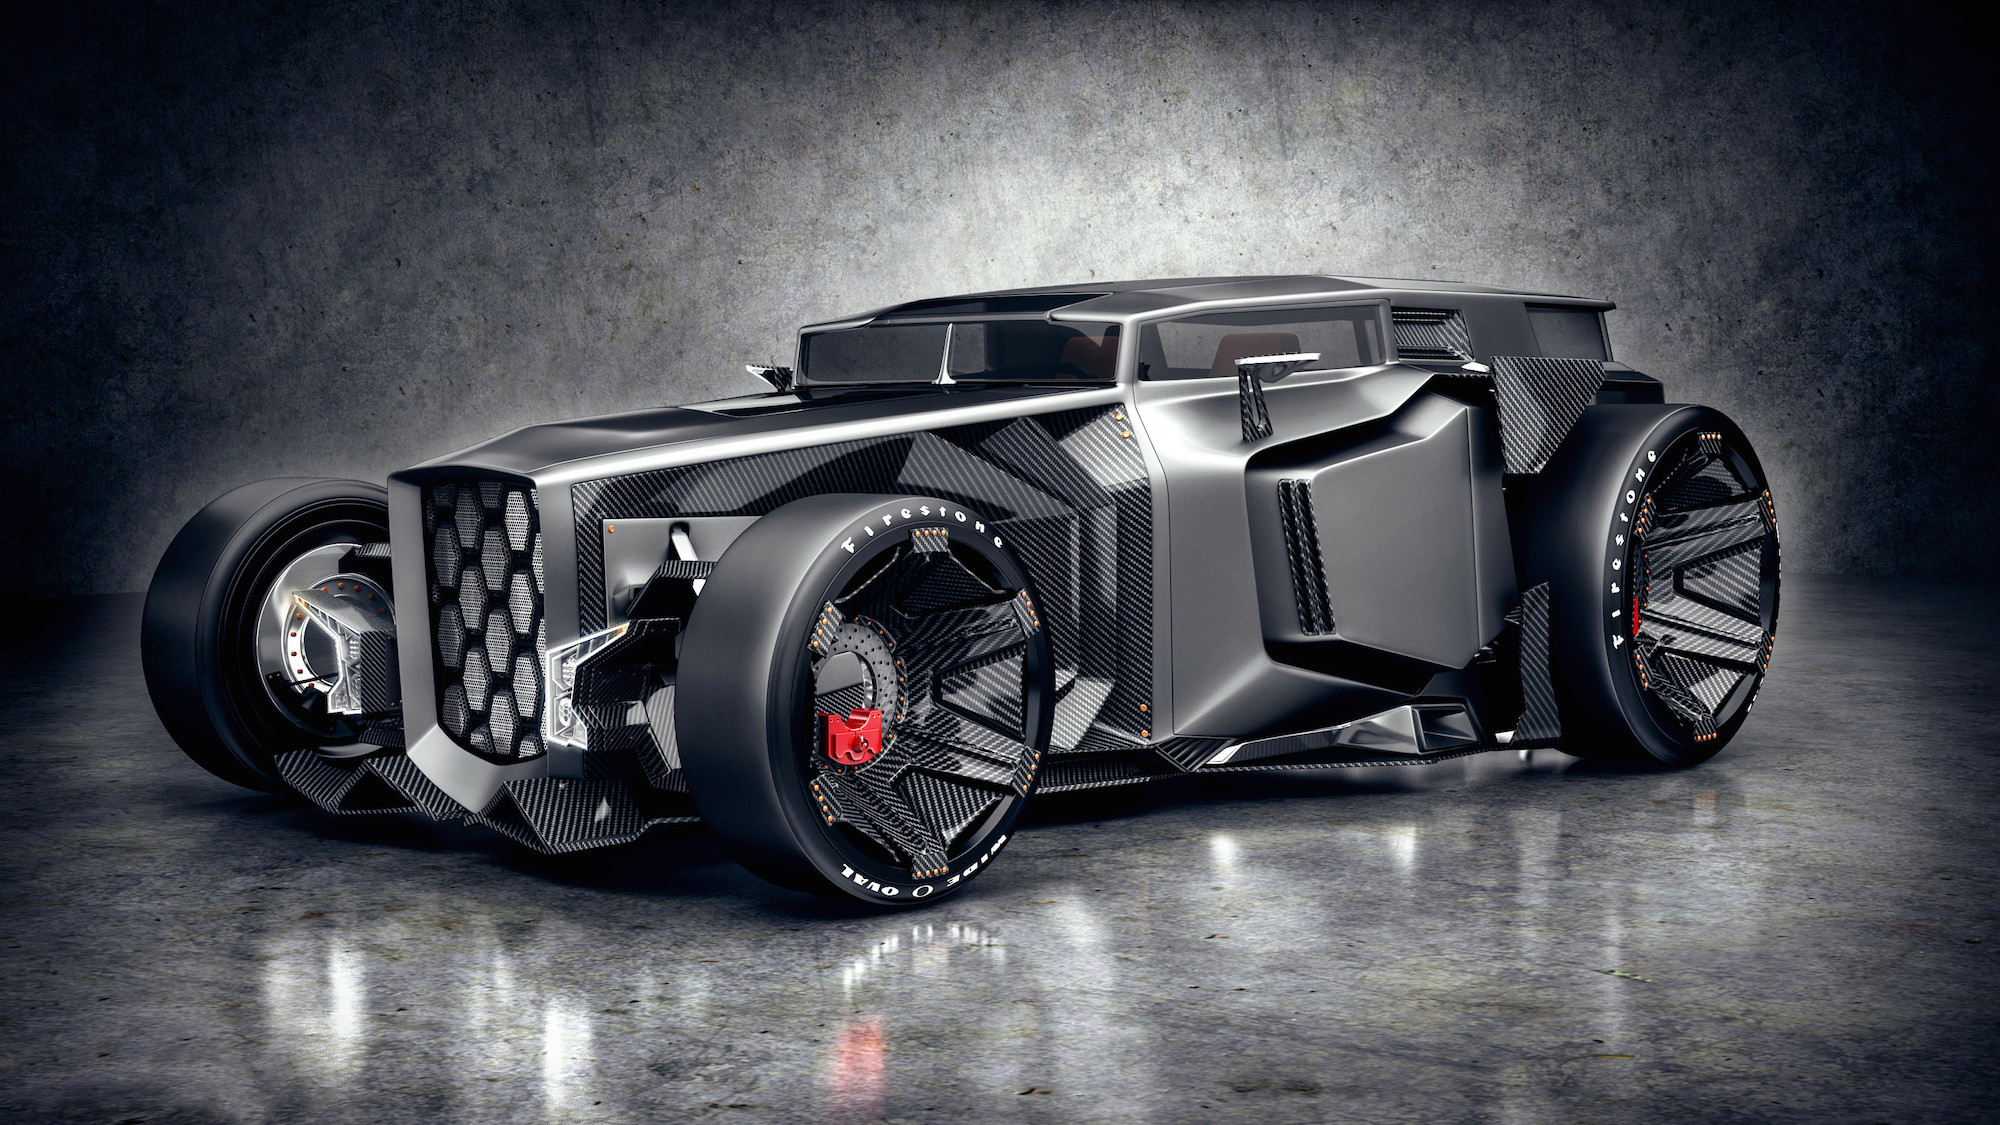 Res: 2000x1125, 2015 Lamborghini Rat Rod Concept Wallpaper